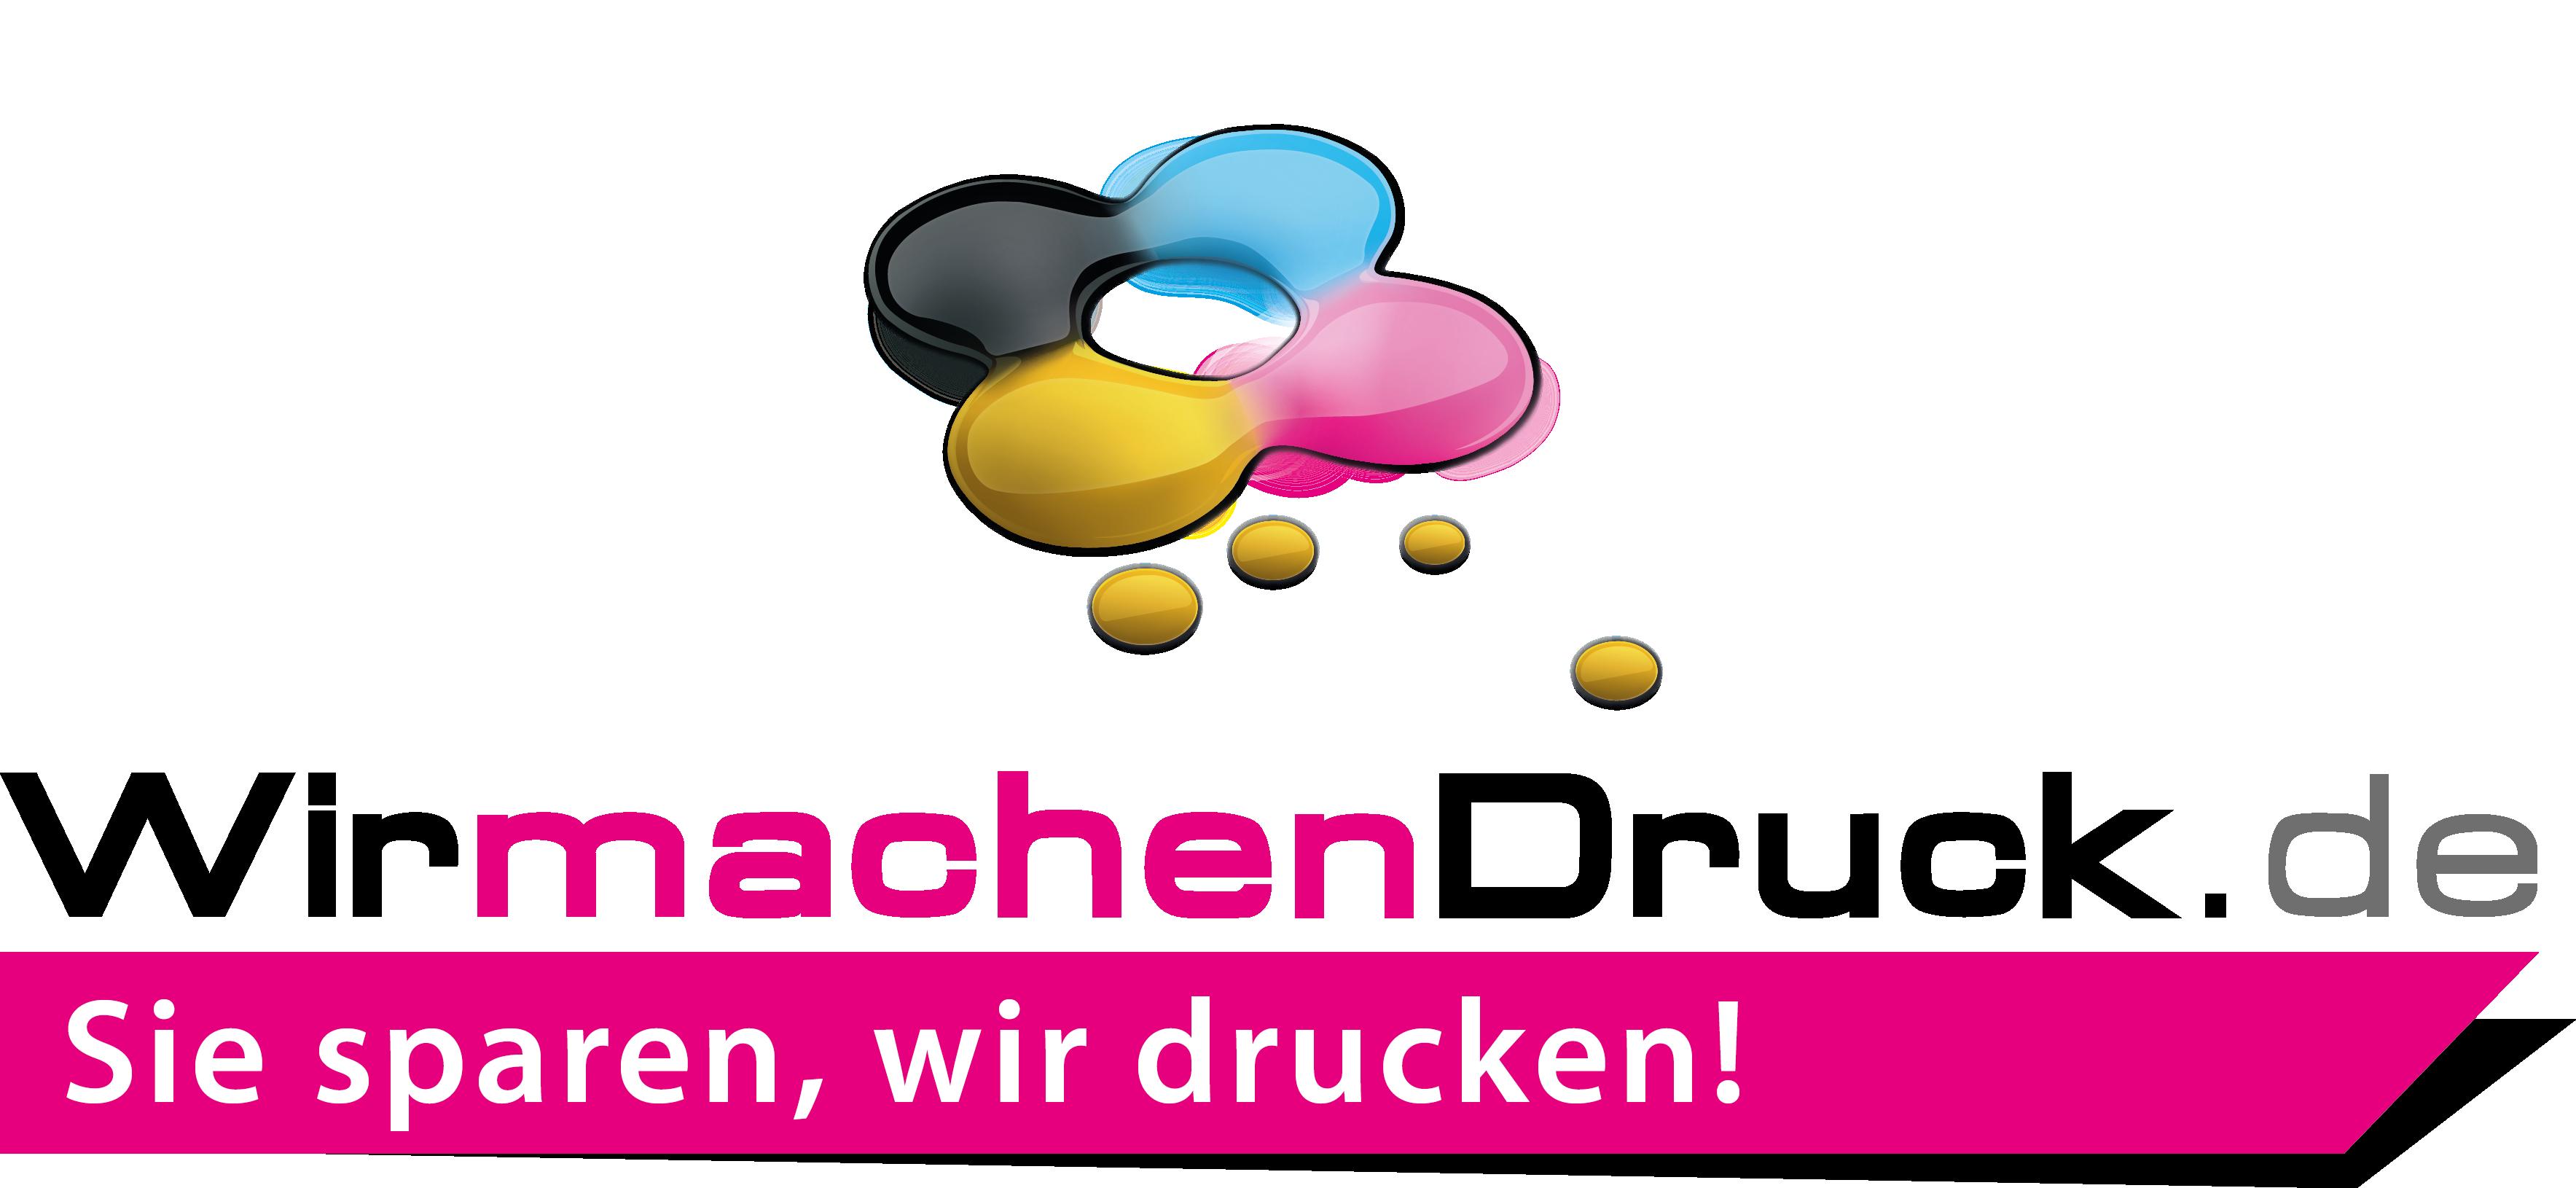 Eintrittskarten drucken - Tickets drucken | WIRmachenDRUCK.de